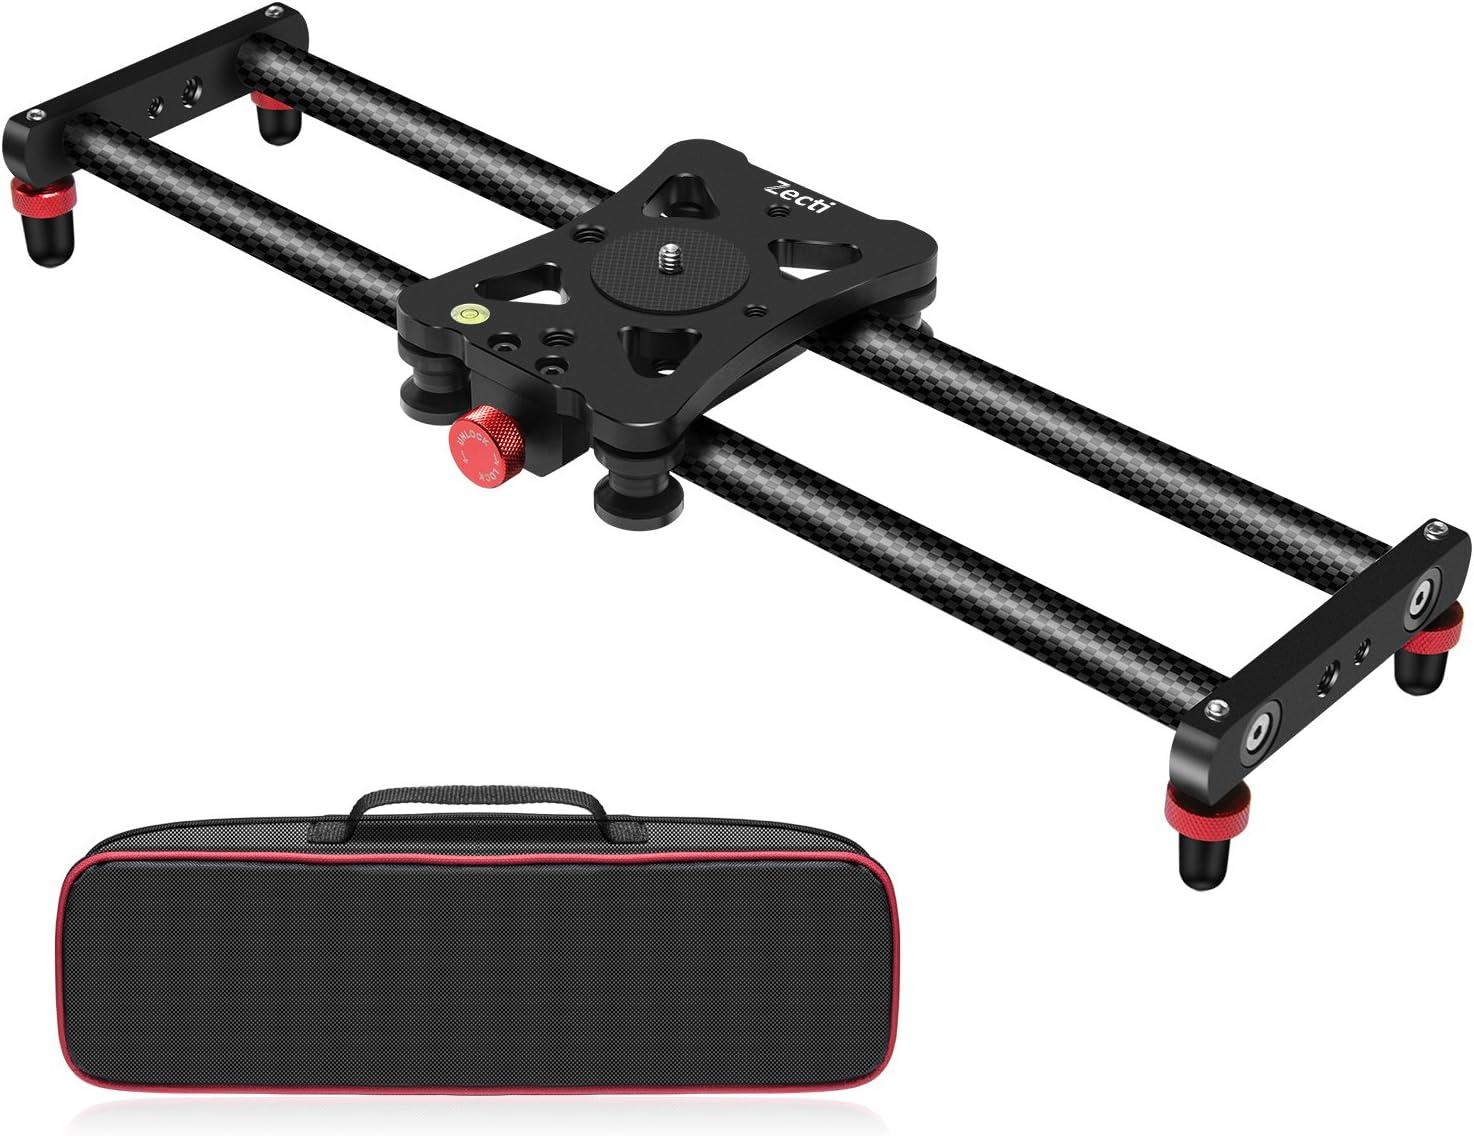 """Zecti Camera Slider, Adjustable Carbon Fiber Camera Dolly Track Slider Video Stabilizer Rail for Camera DSLR Video Movie Photography Camcorder Stabili (15.7"""" Carbon Fiber Camera Slider Dolly Track)"""